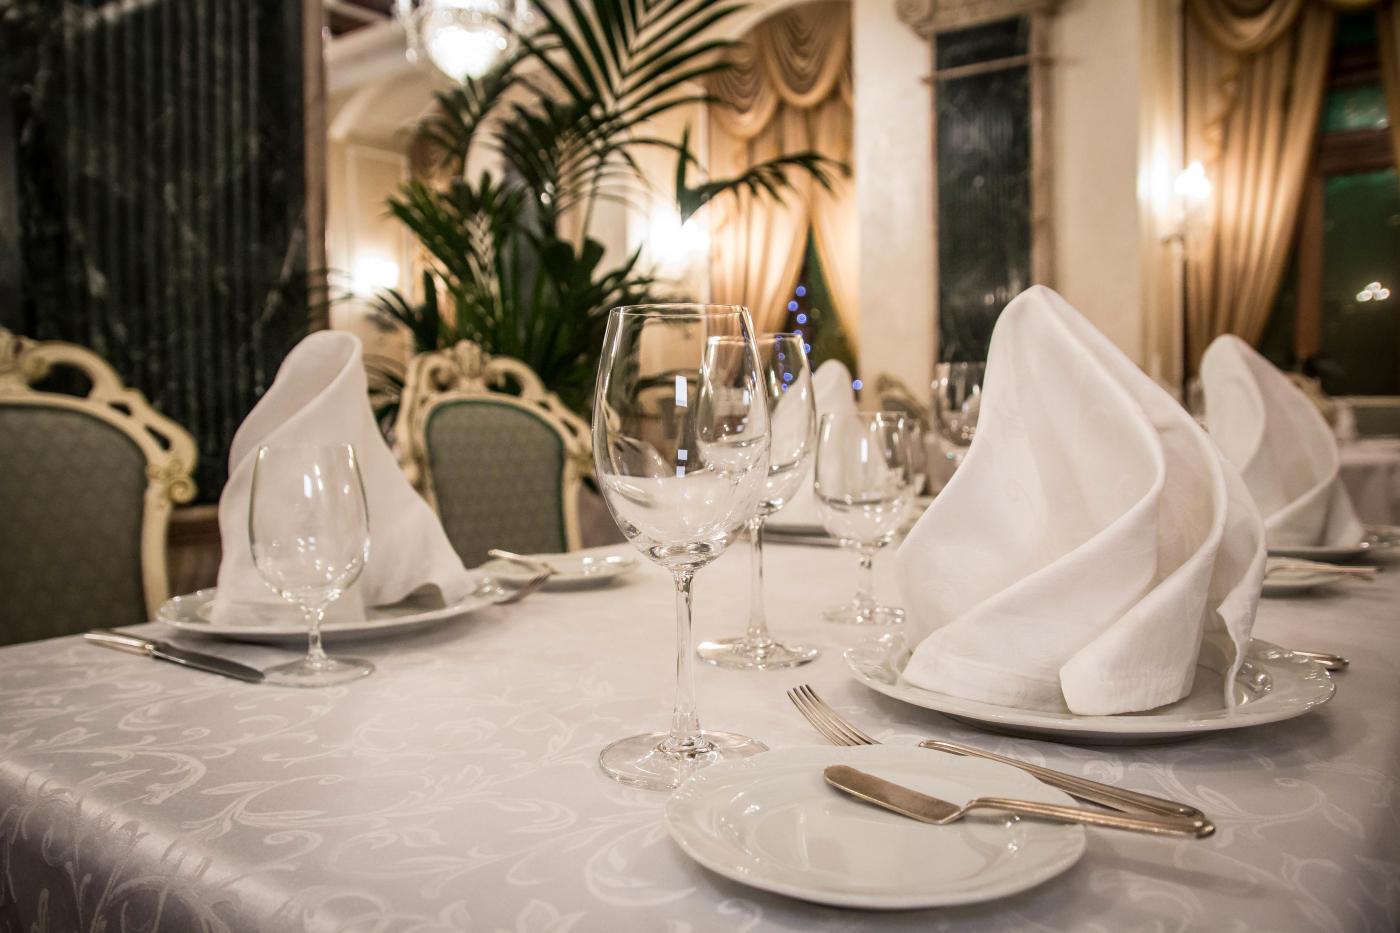 Ресторан Ривьера (Riviere) фото 23